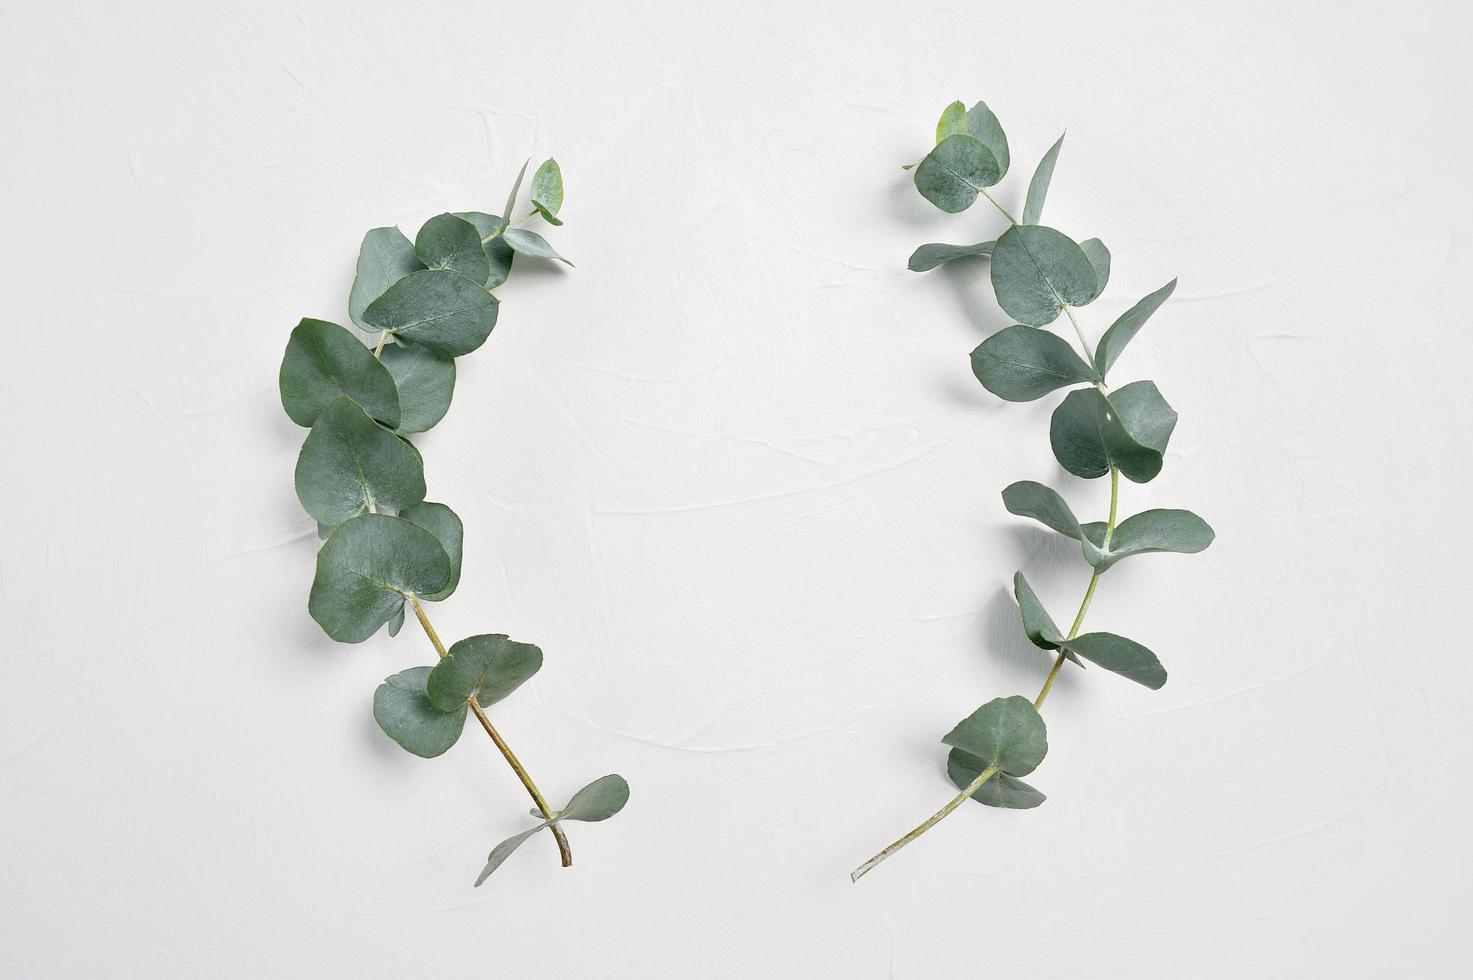 Eukalyptusblätter an Stielen foto